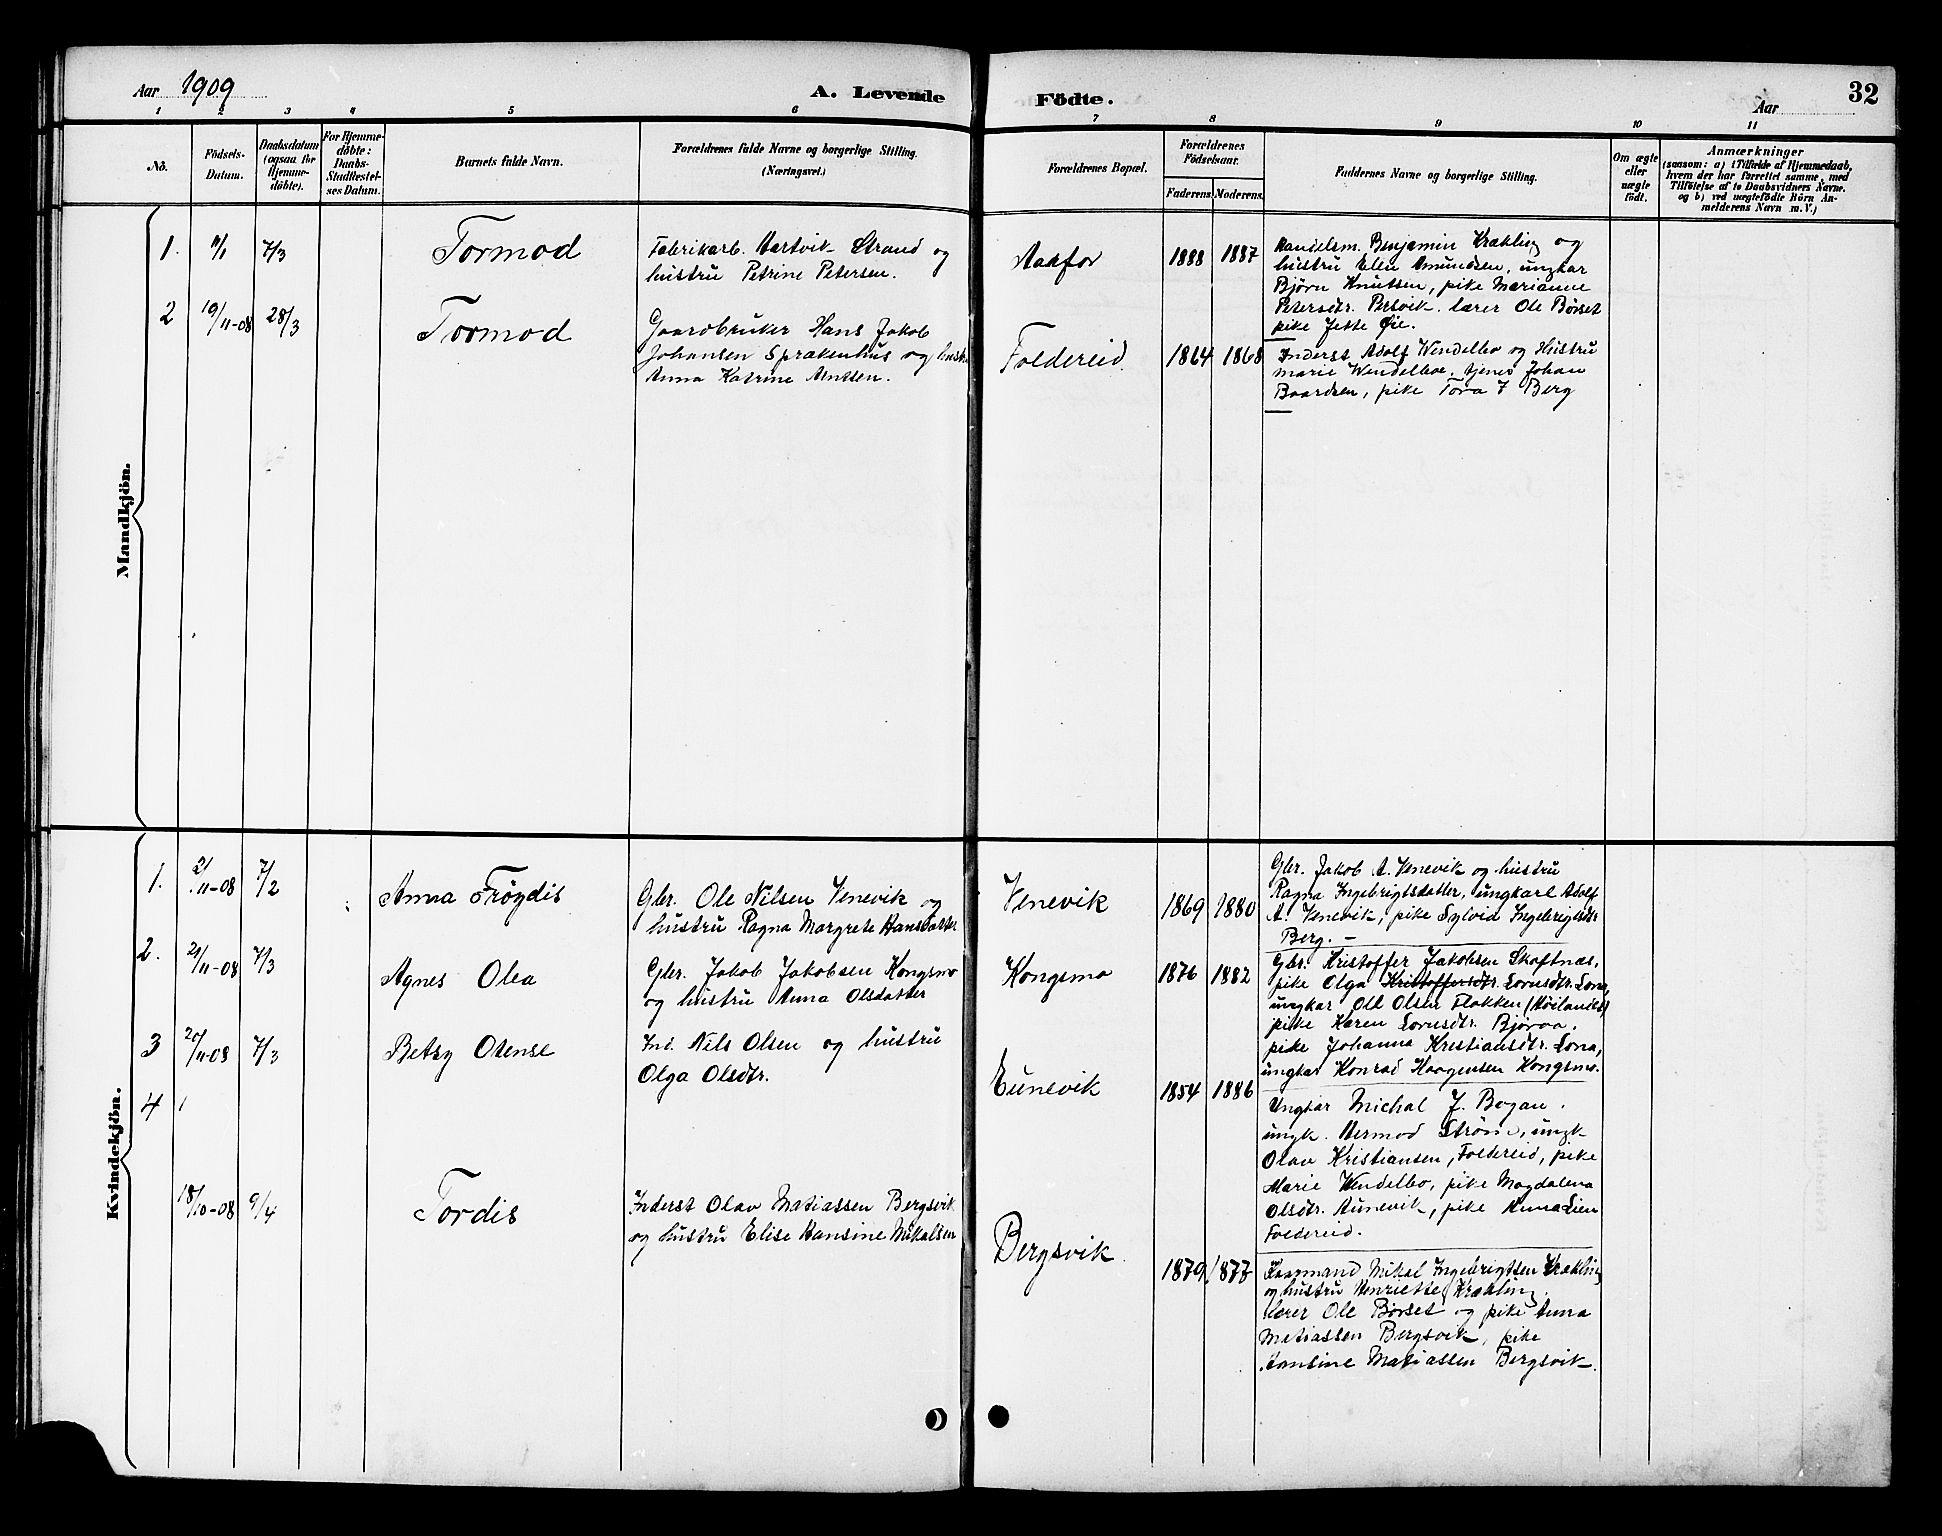 SAT, Ministerialprotokoller, klokkerbøker og fødselsregistre - Nord-Trøndelag, 783/L0662: Klokkerbok nr. 783C02, 1894-1919, s. 32